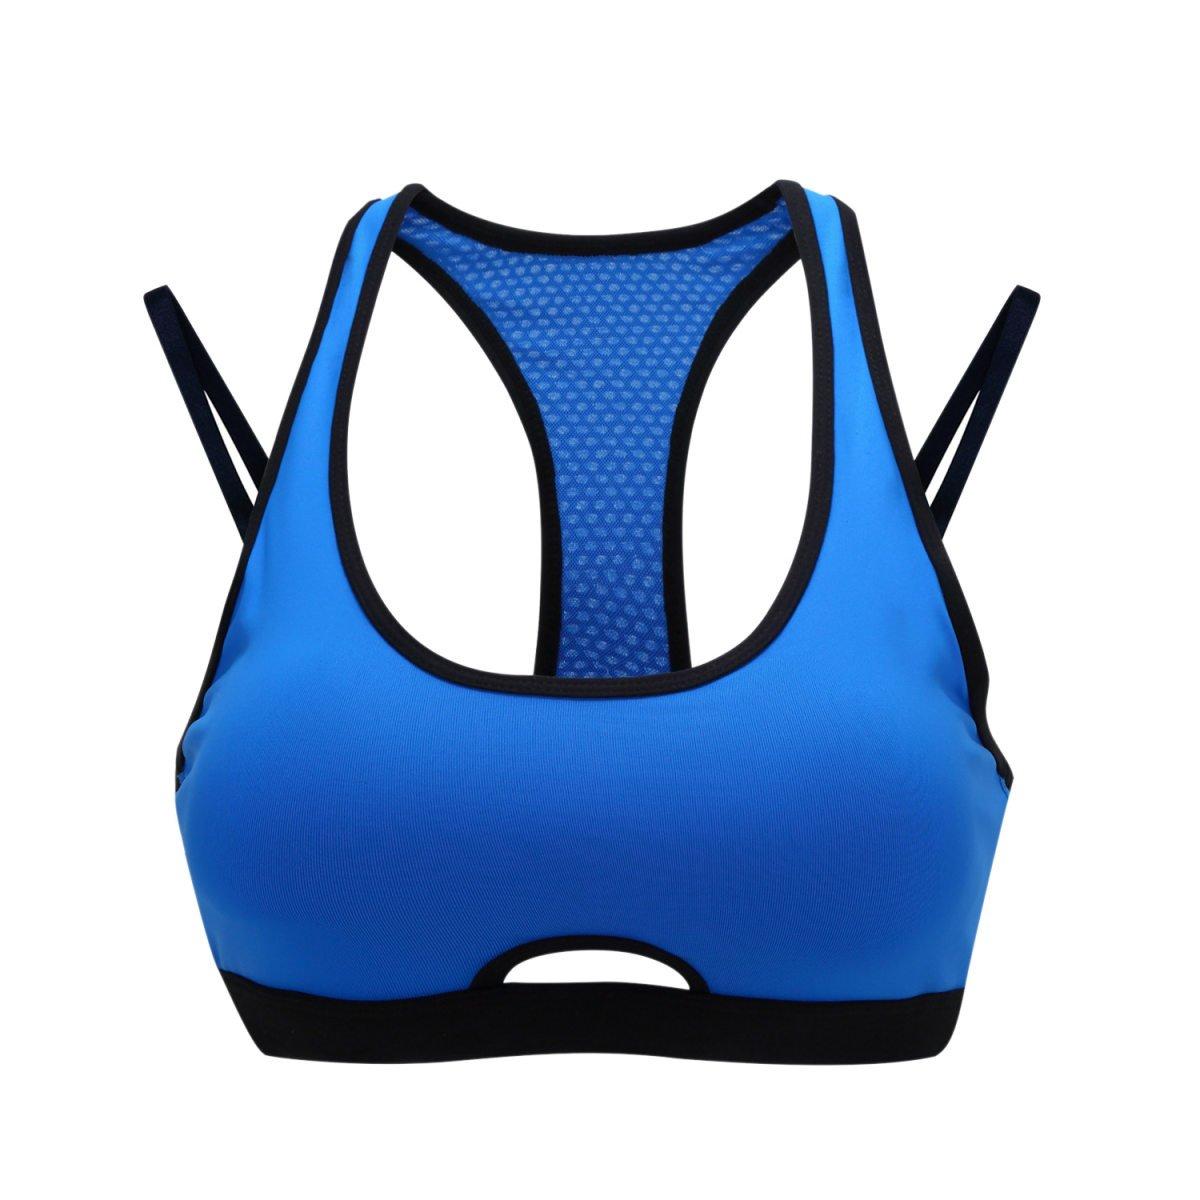 Jfin Mujeres Suéter Sujetador Spandex Espalda Cruzada De Software Inalámbrico Rosa Indy Pro